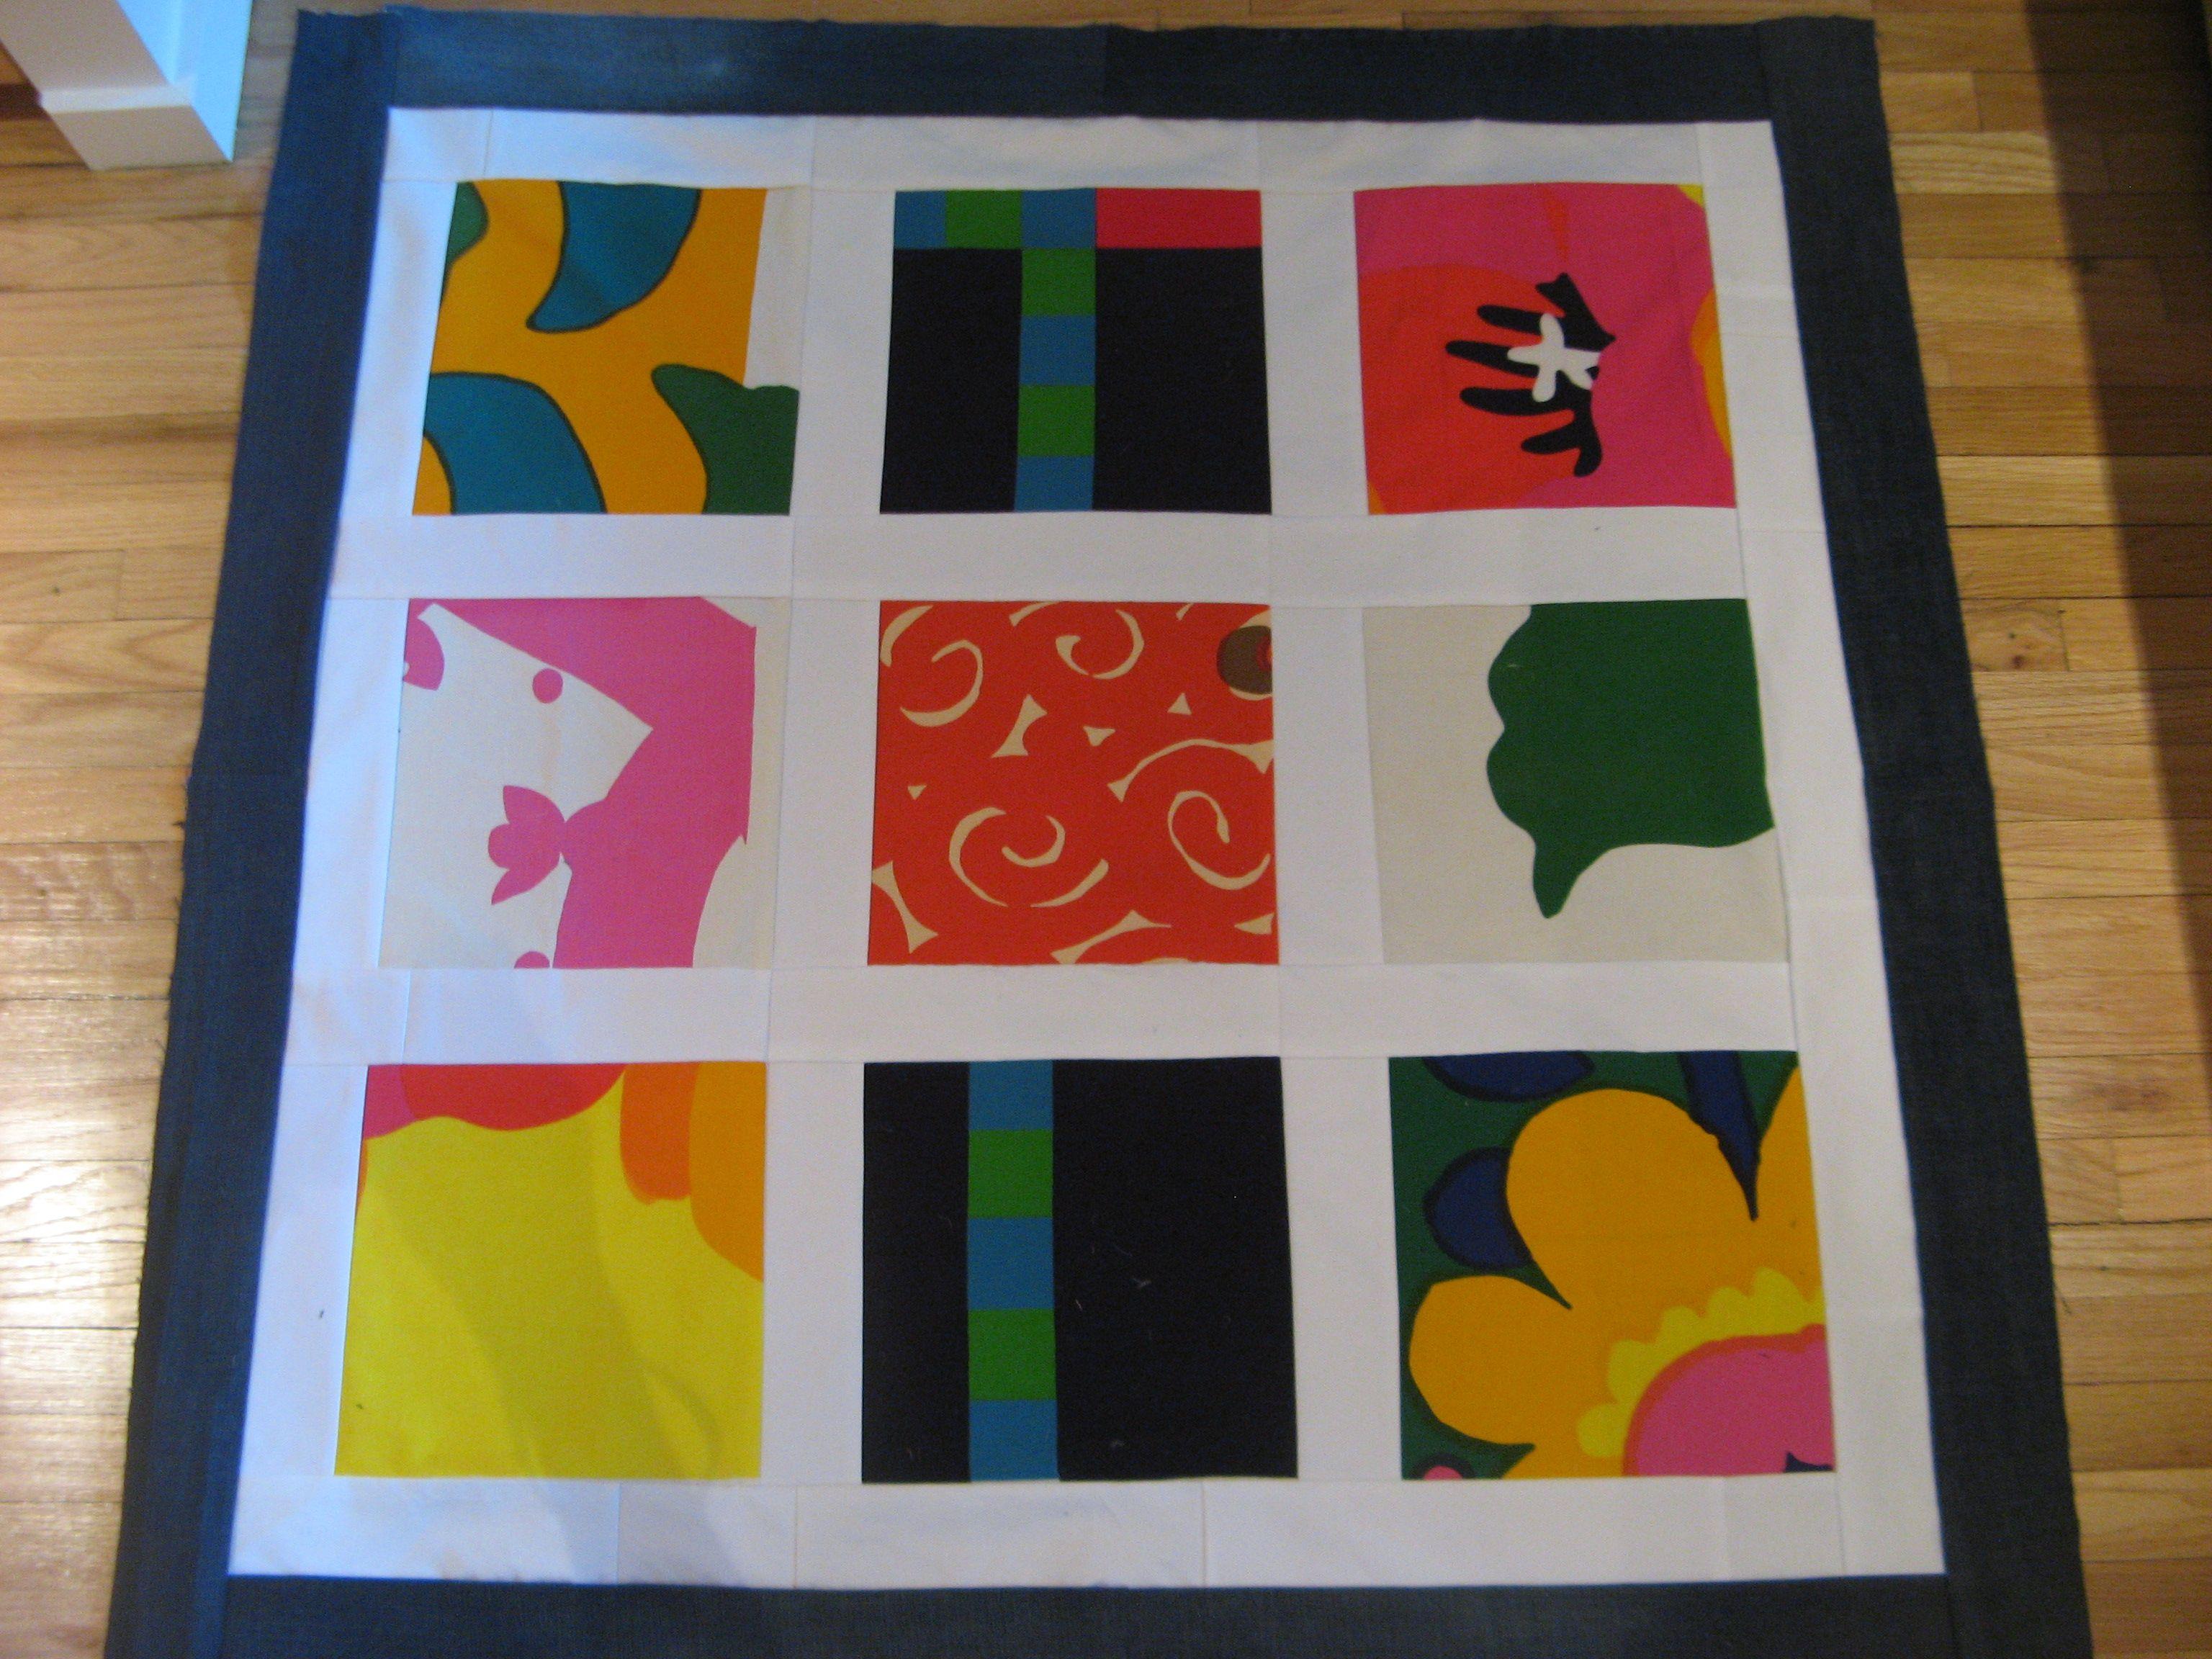 marimekko quilt | gonna quilt | Pinterest | Marimekko : marimekko quilt - Adamdwight.com